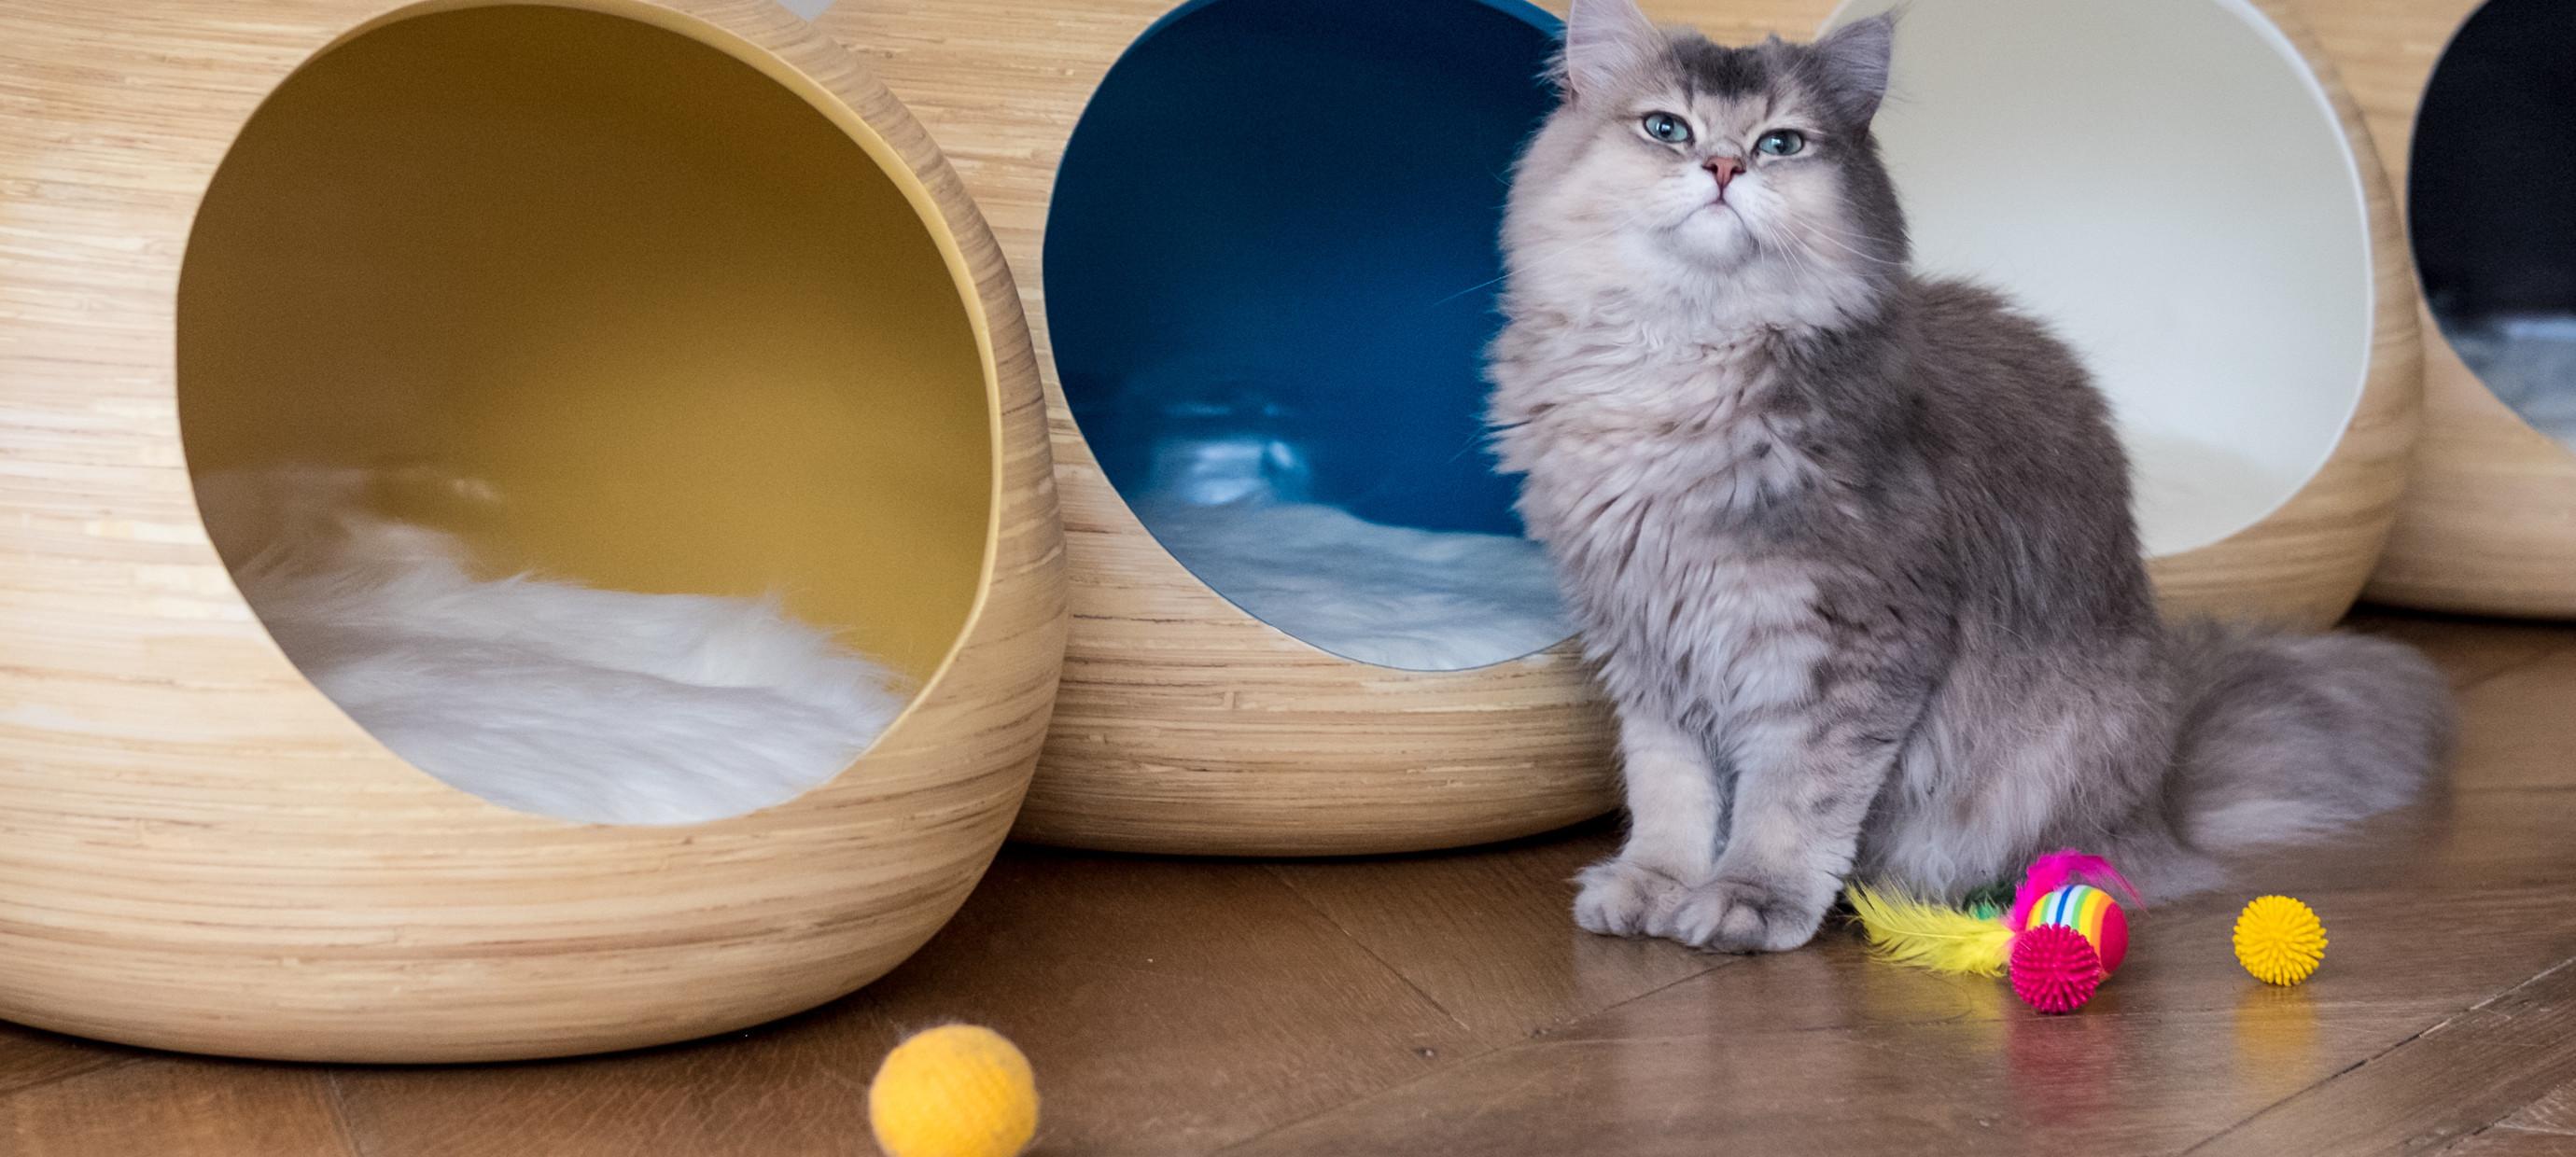 Lassen sie Ihre Katze ultimativ genießen in einem luxuriösen Katzenkorb